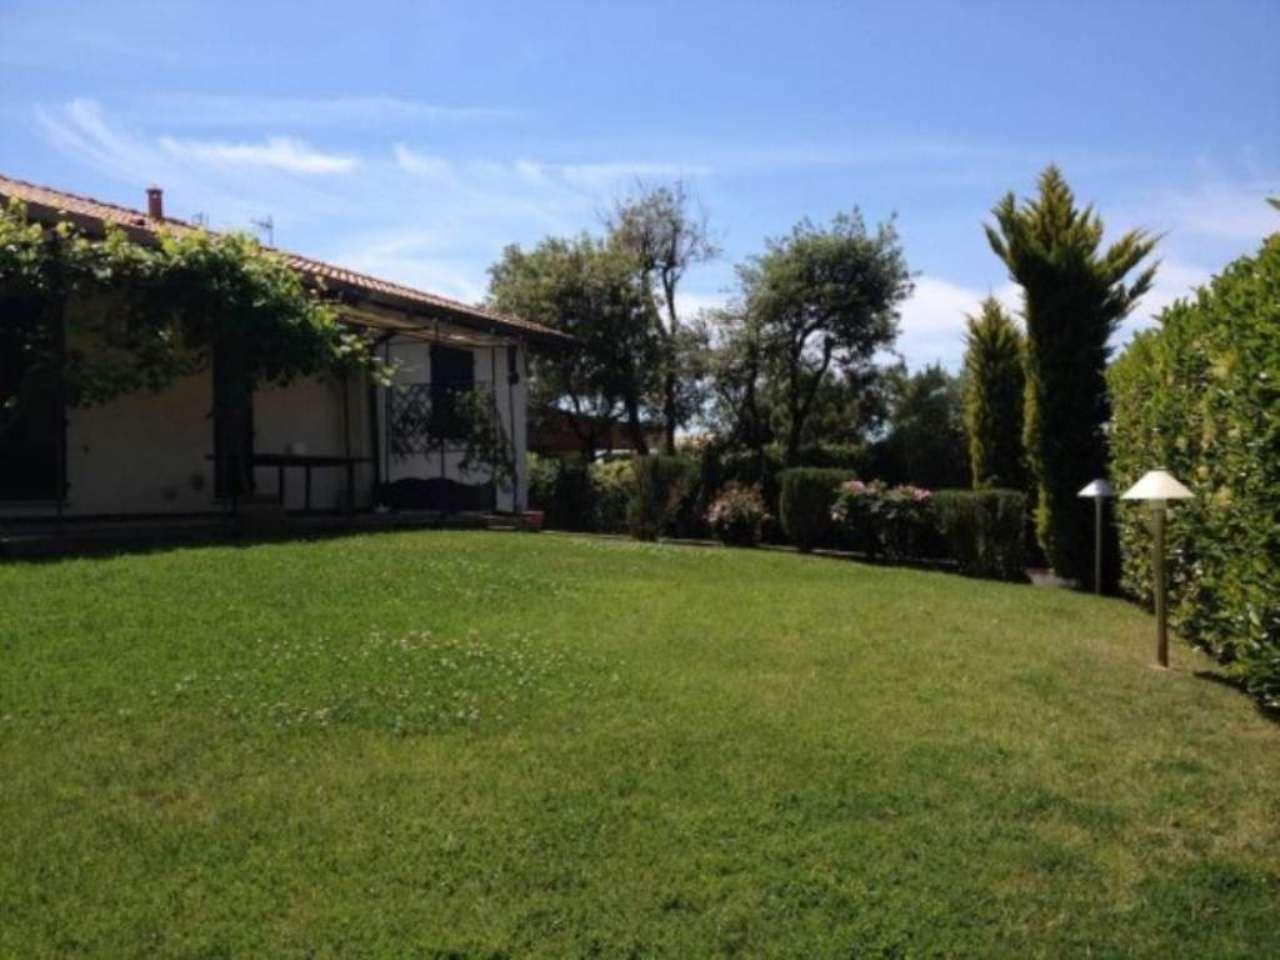 Soluzione Indipendente in vendita a Fiumicino, 6 locali, prezzo € 690.000 | CambioCasa.it